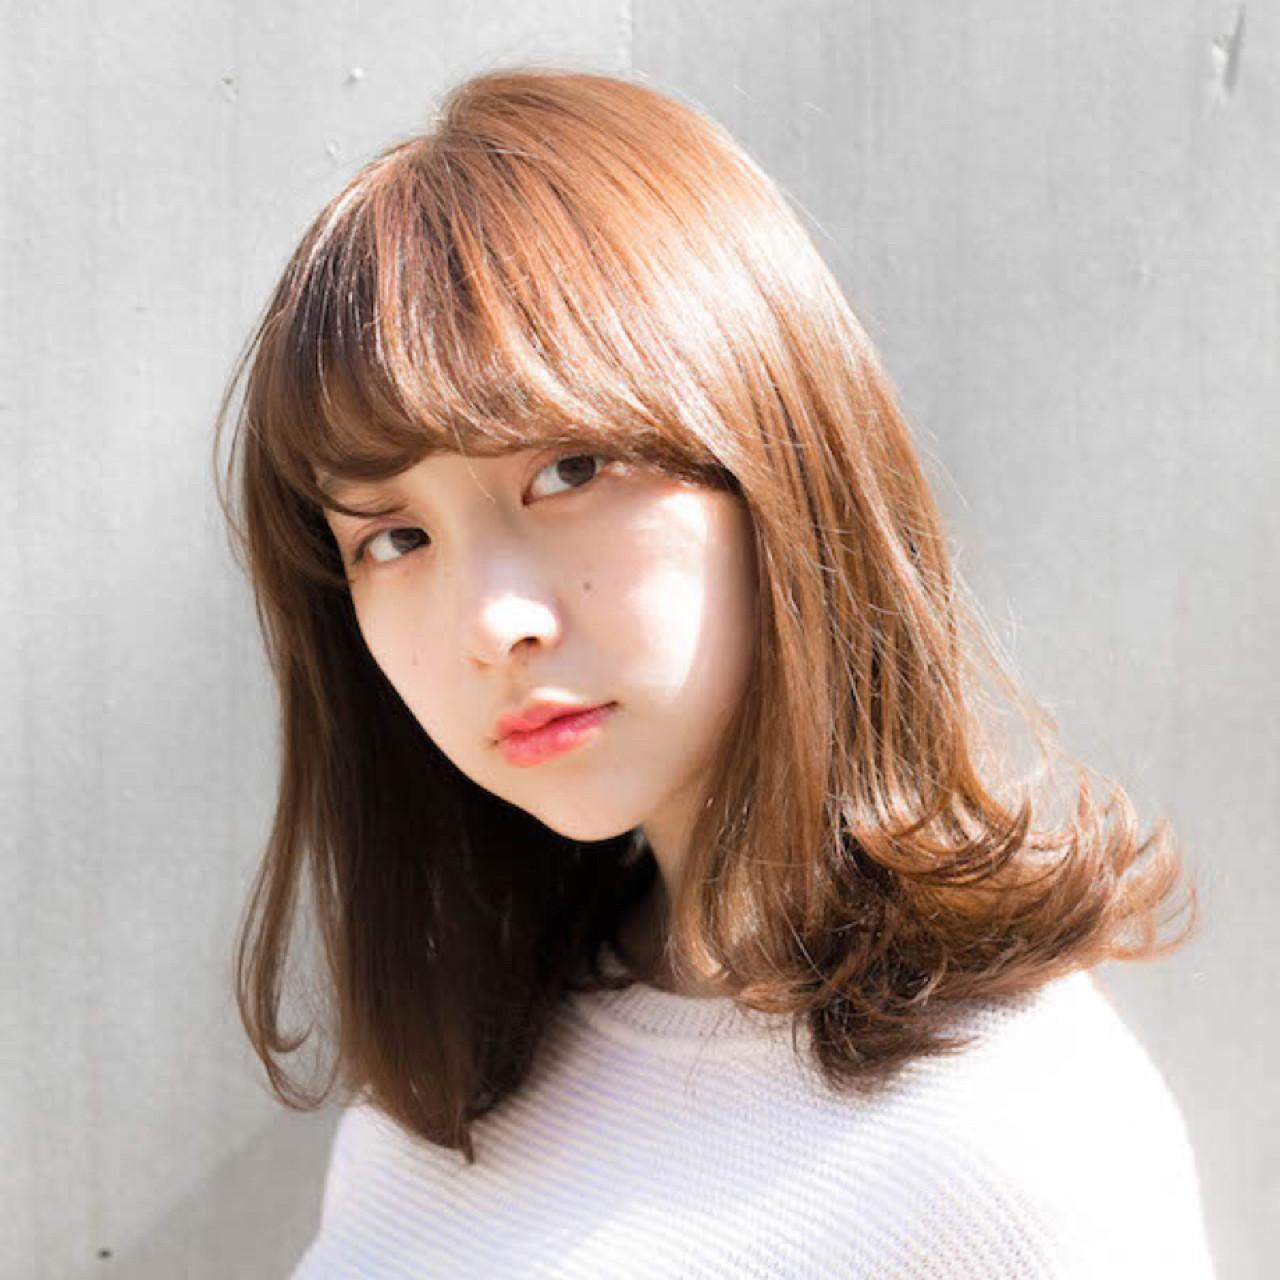 パーマ 夏 大人かわいい 前髪あり ヘアスタイルや髪型の写真・画像